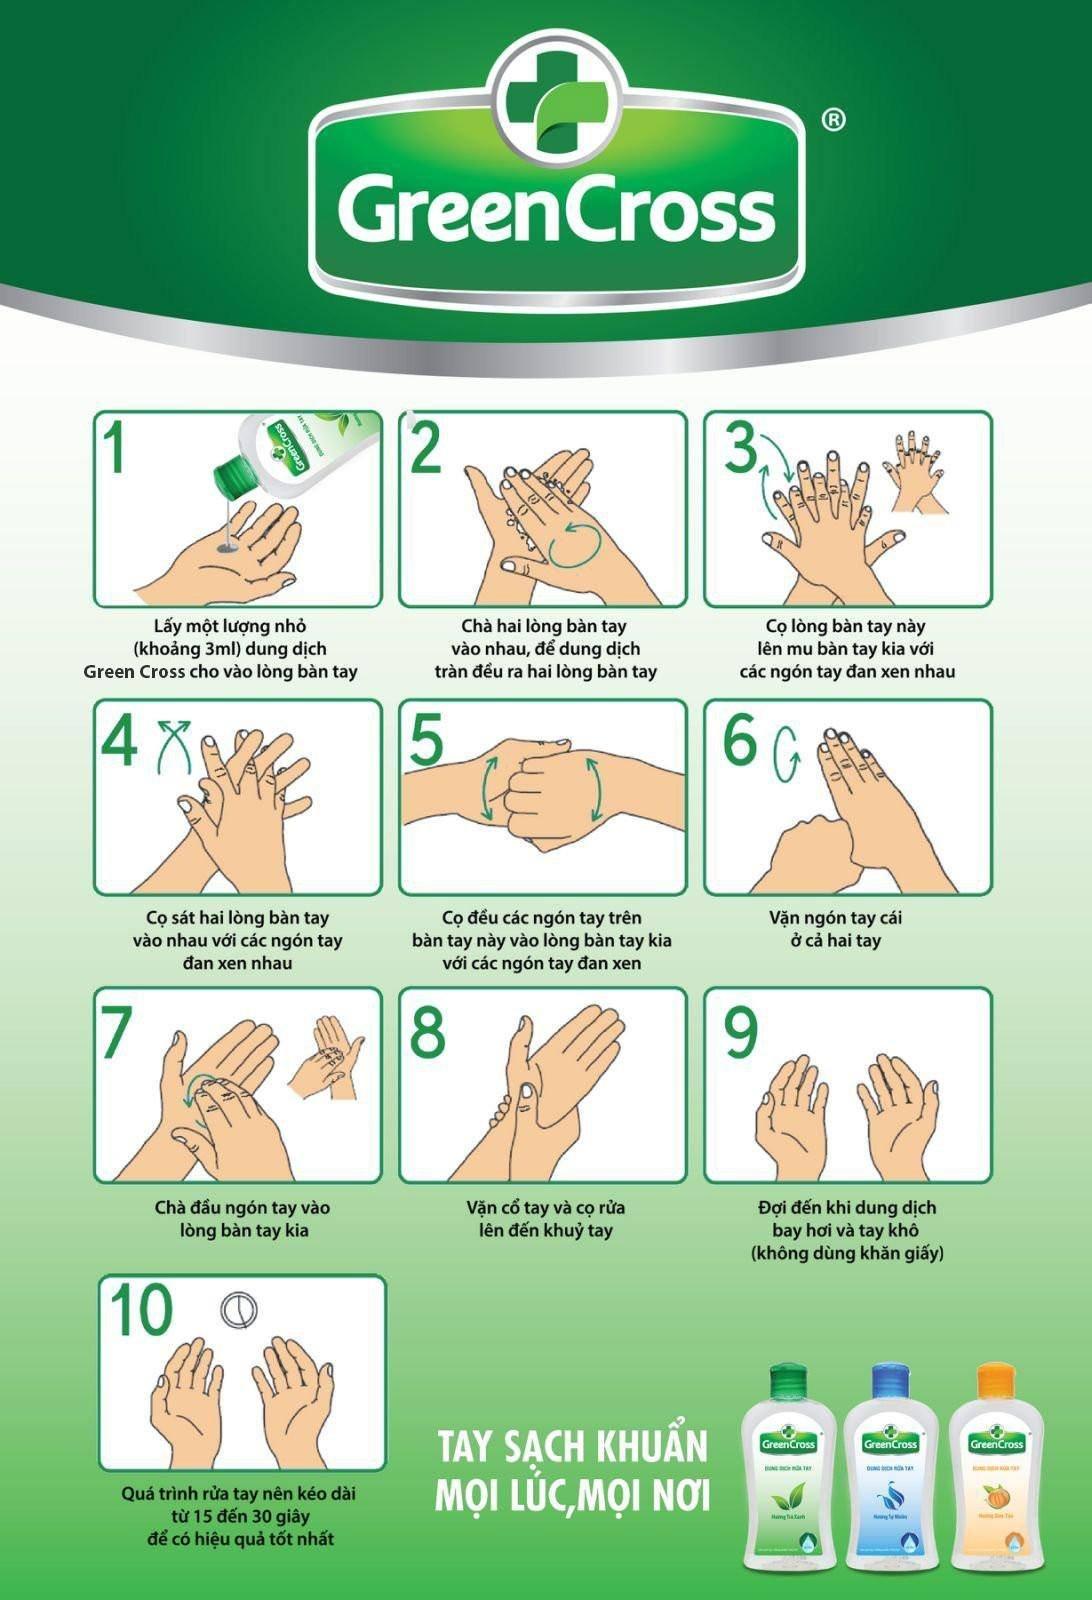 Hướng dẫn sử dụng nước rửa tay khô Green Cross